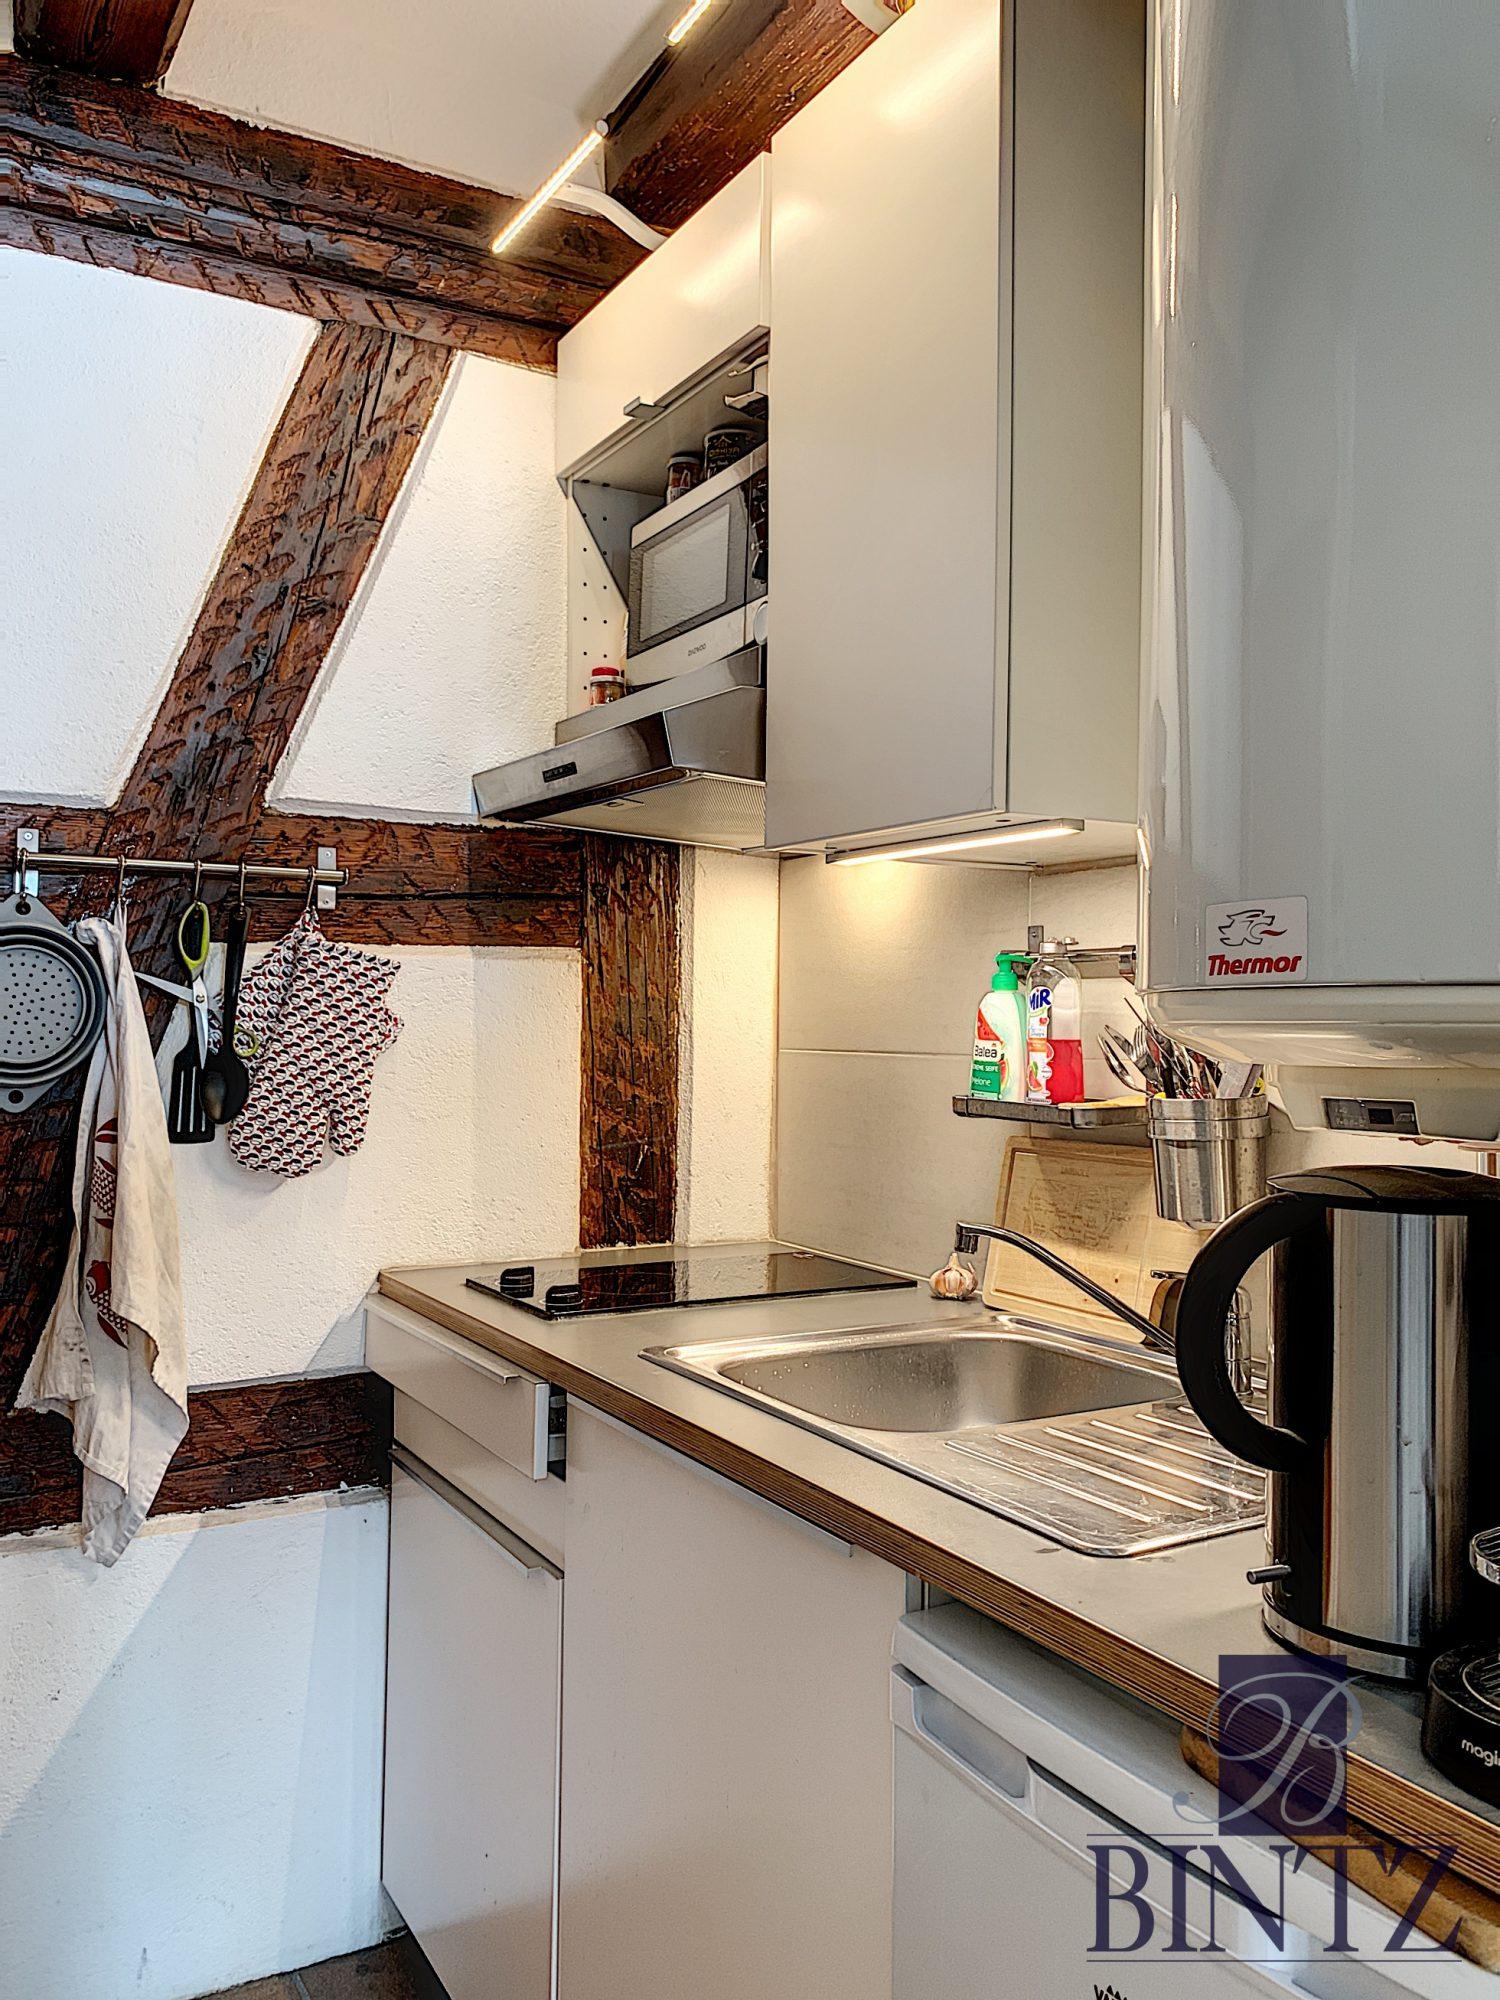 STUDIO MEUBLE HYPER CENTRE - Devenez locataire en toute sérénité - Bintz Immobilier - 5